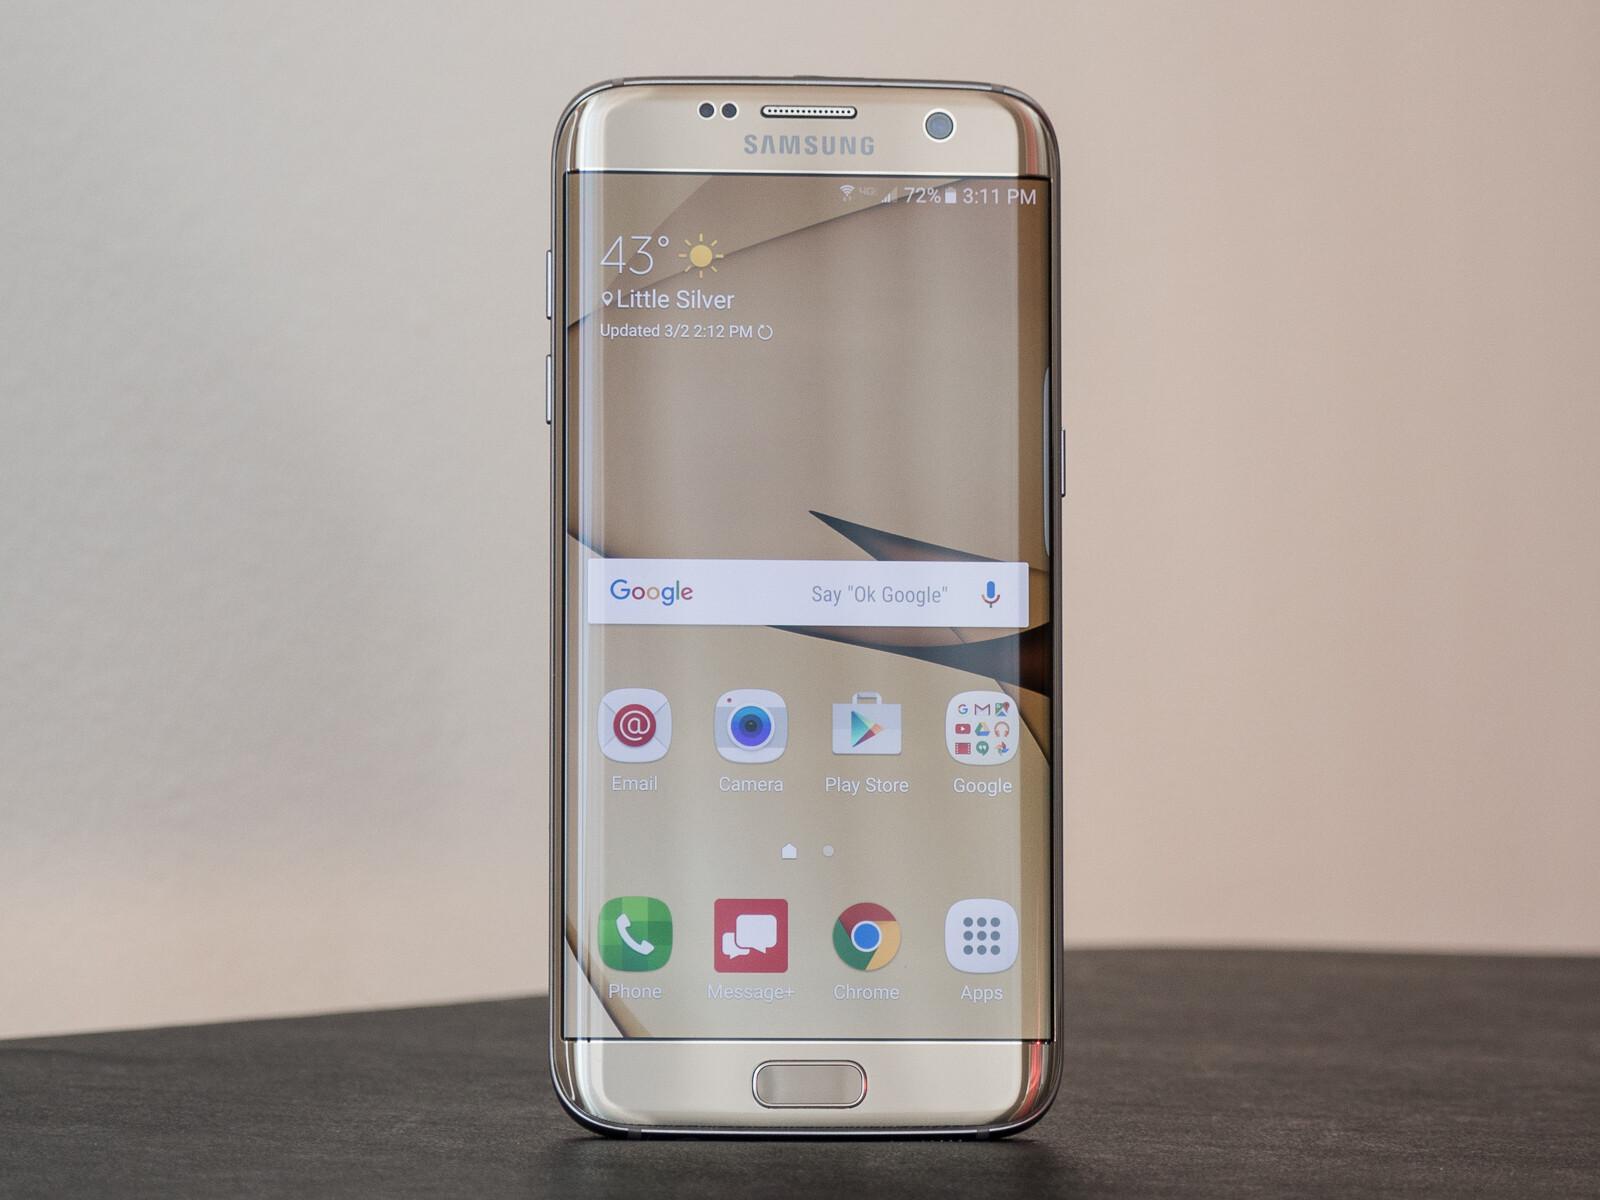 سامسونج Galaxy S7 Edge - مظهر رائع! - الهواتف أكثر هشاشة من أي وقت مضى ، وكل هذا خطأنا